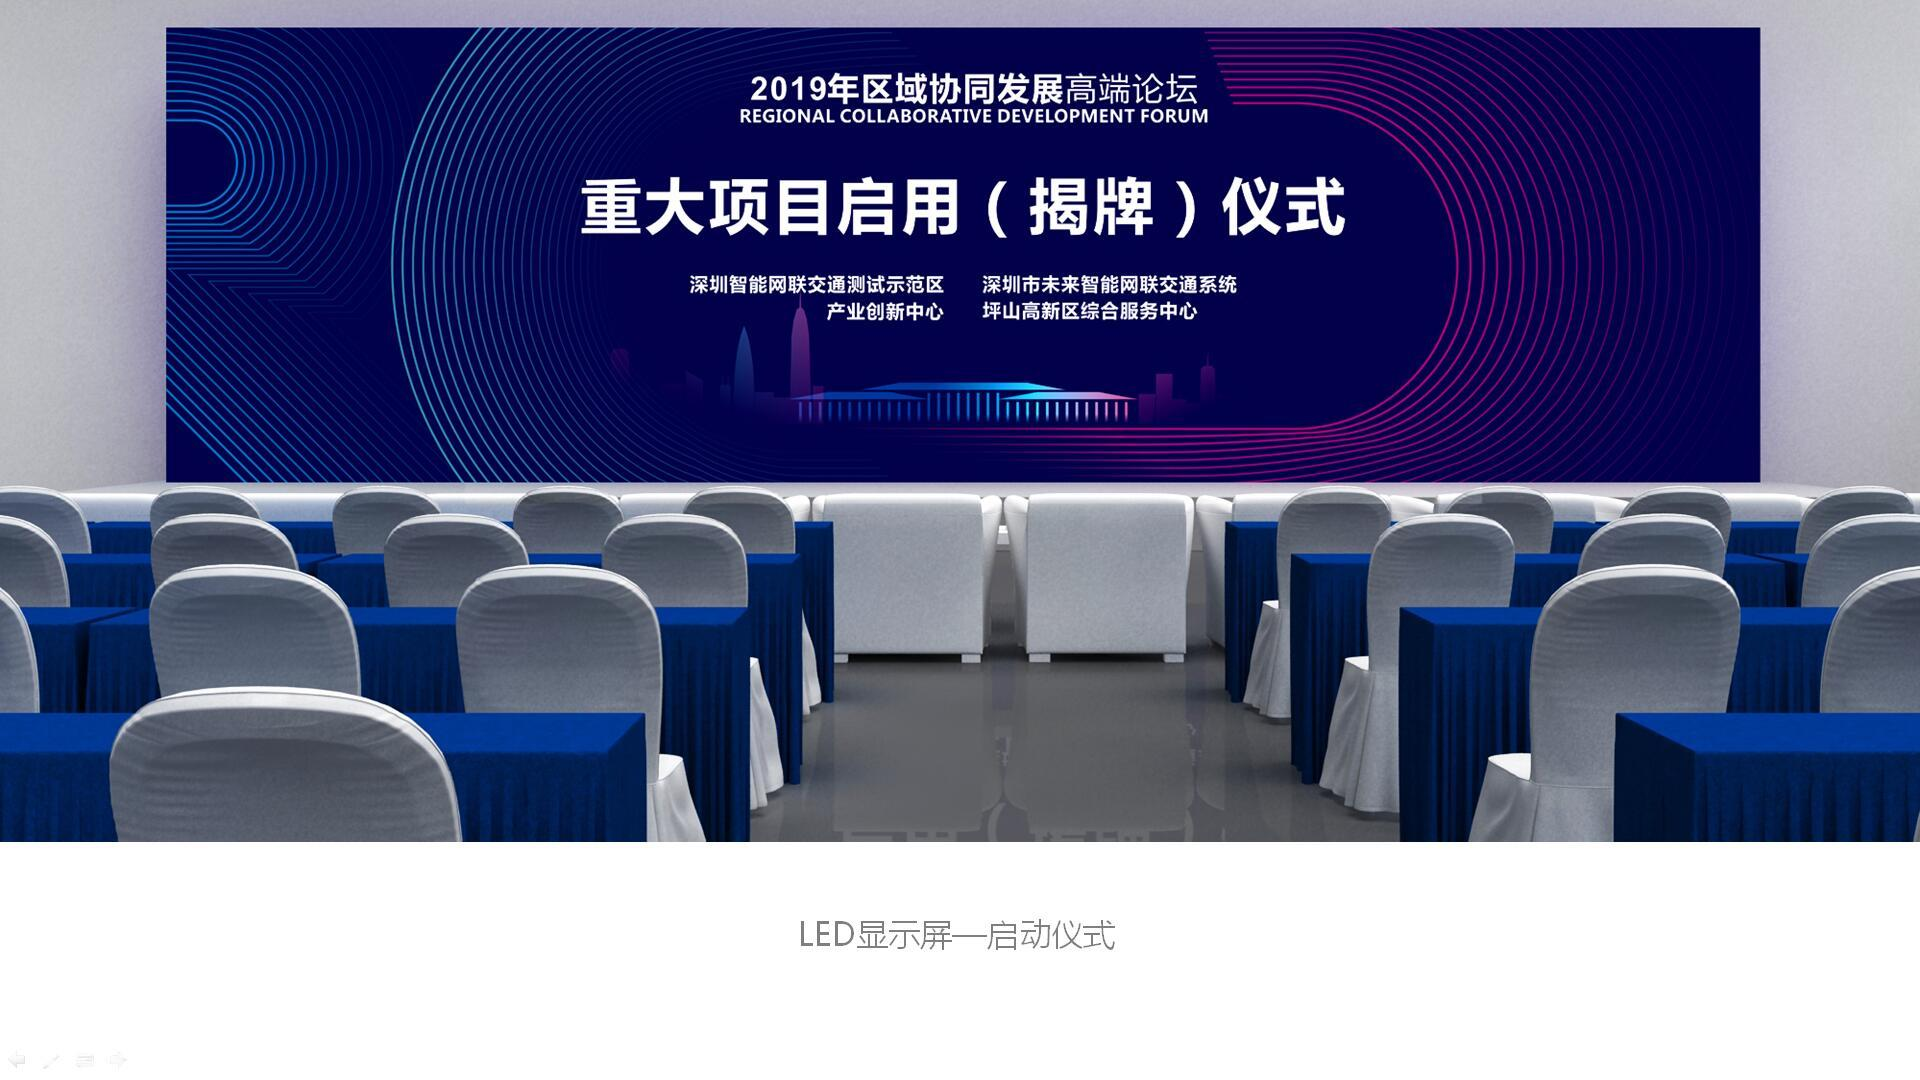 飞机起飞 | 深圳区域协同发展大会